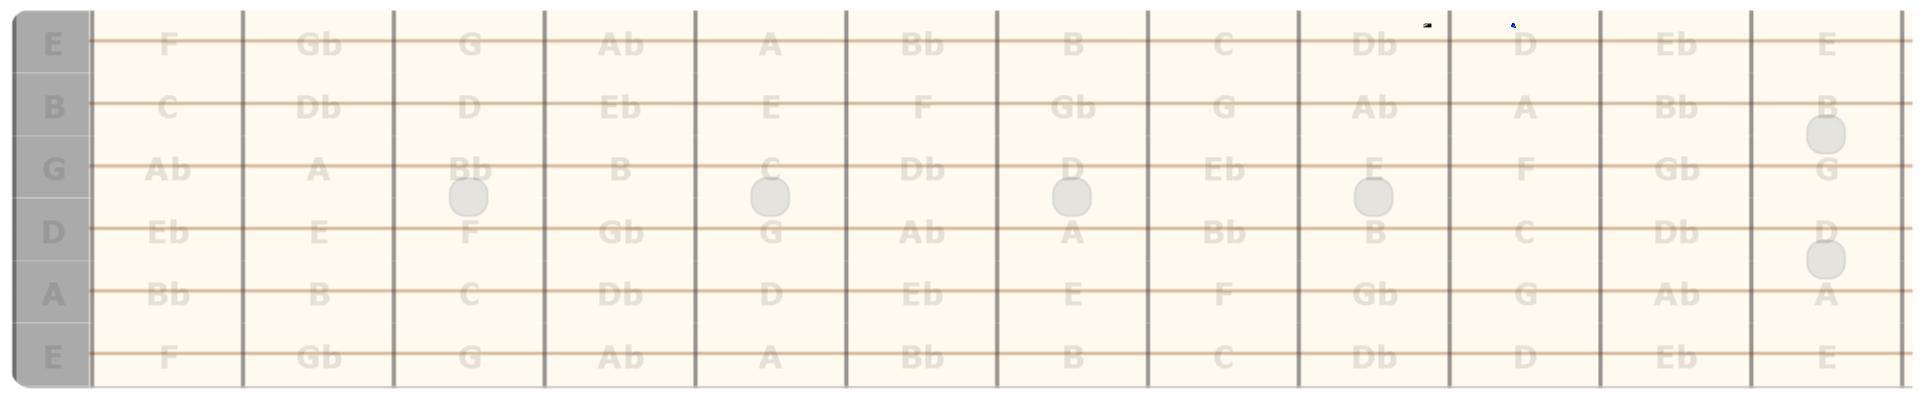 Tutte le note sulla tastiera della chitarra (con bemolle)